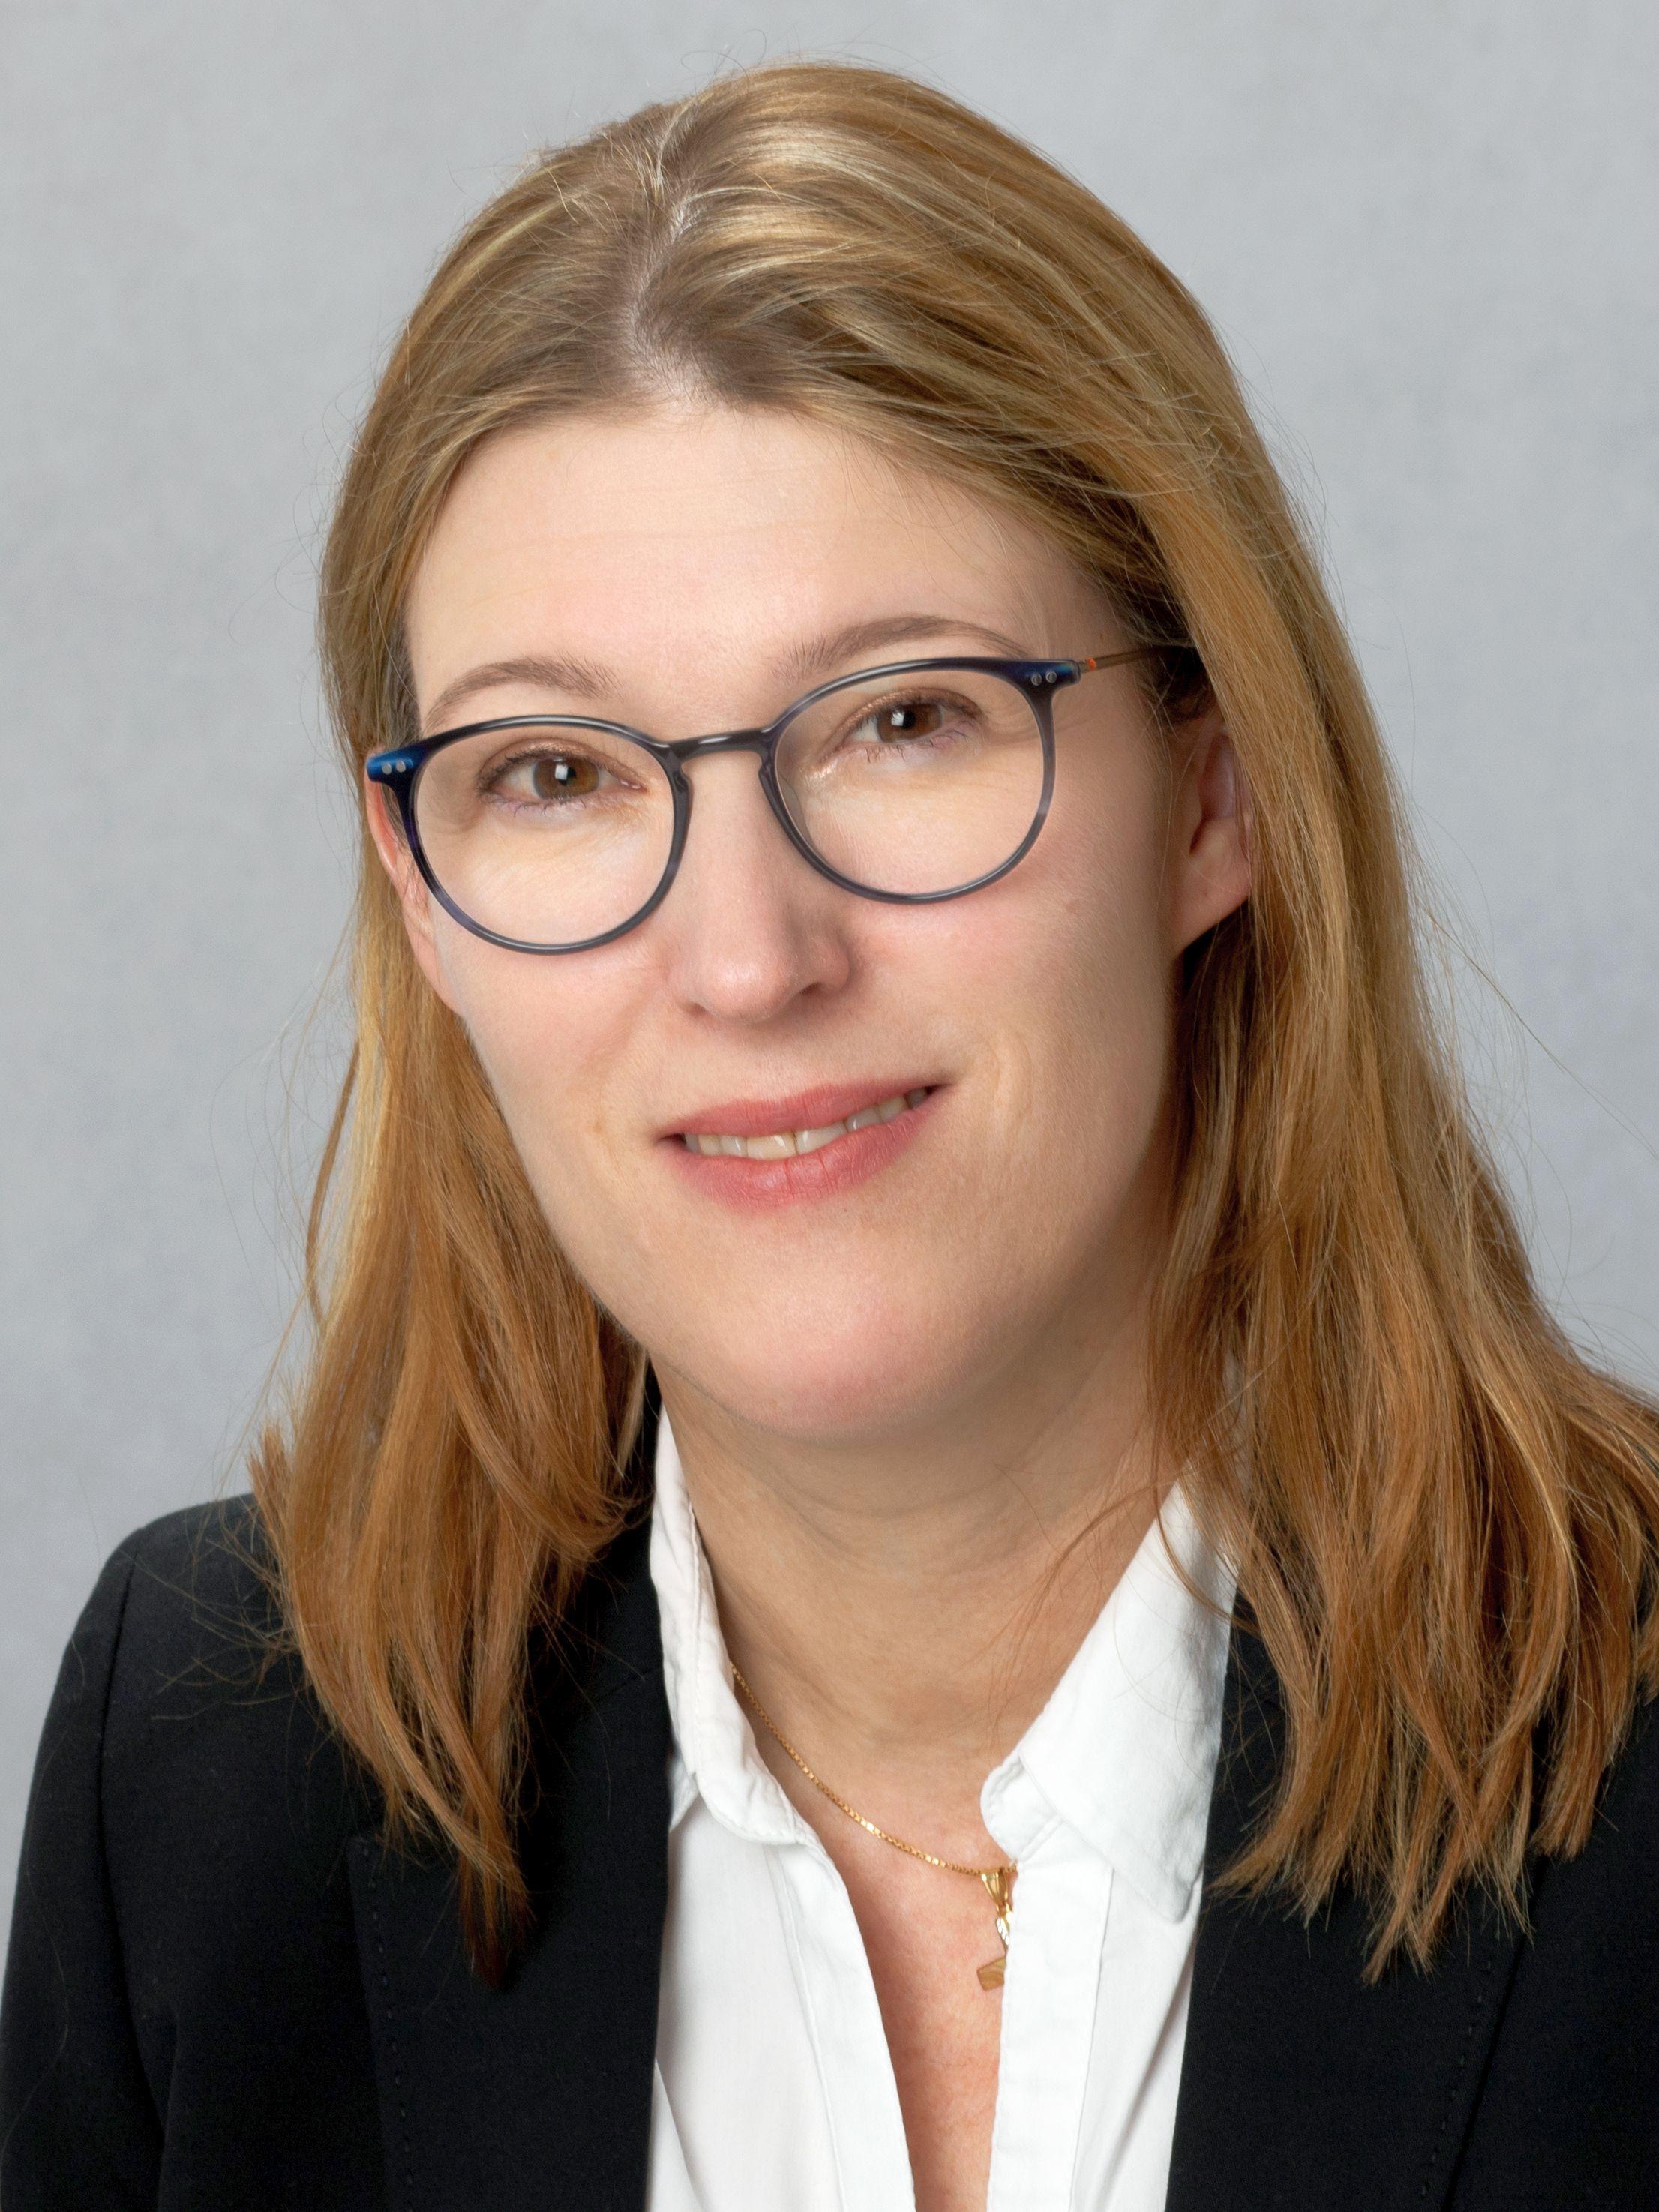 Dagmar Häfner-Becker